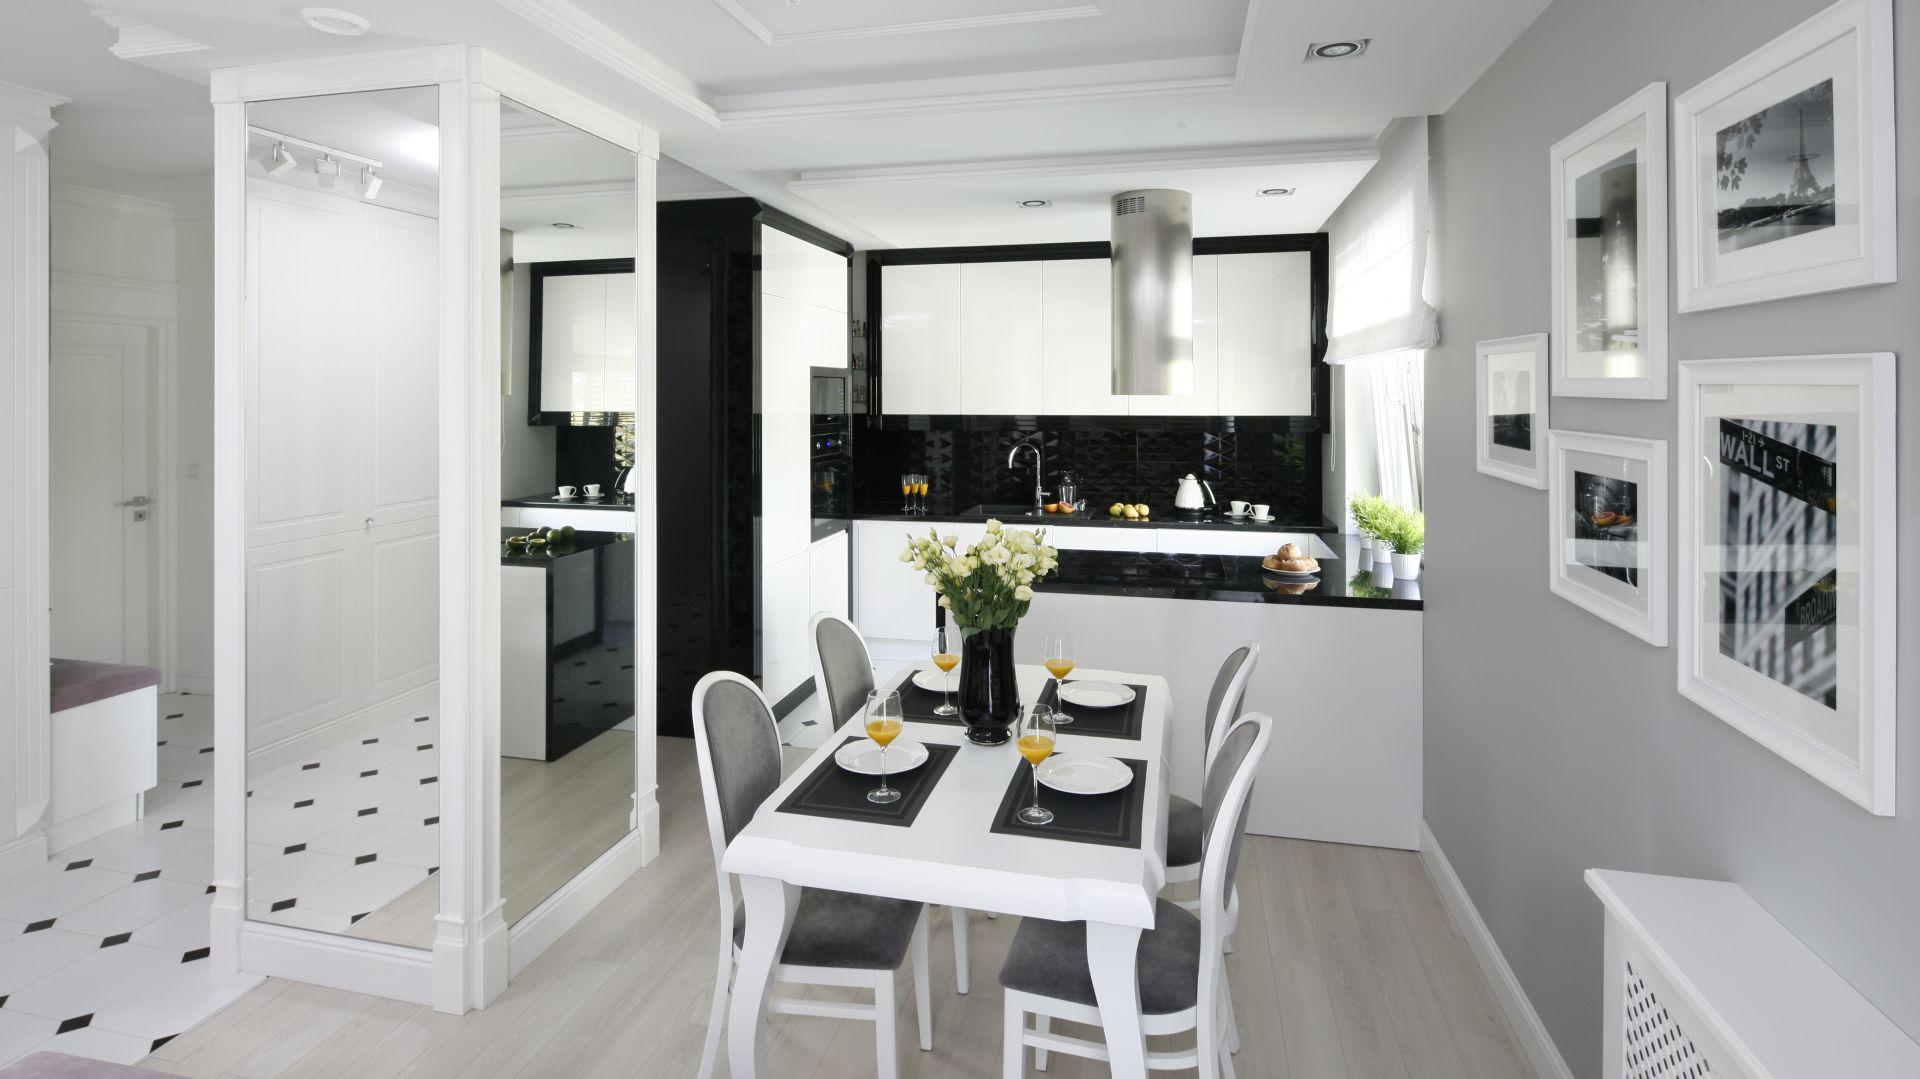 Po wyburzeniu ścian działowych przestrzeń została otwarta, a kuchnia połączona z jadalnią i salonem. Wszystkie pomieszczenia łączy spójna stylistyka oraz paleta kolorów. Projekt: Katarzyna Mikulska-Sękalska. Fot. Bartosz Jarosz